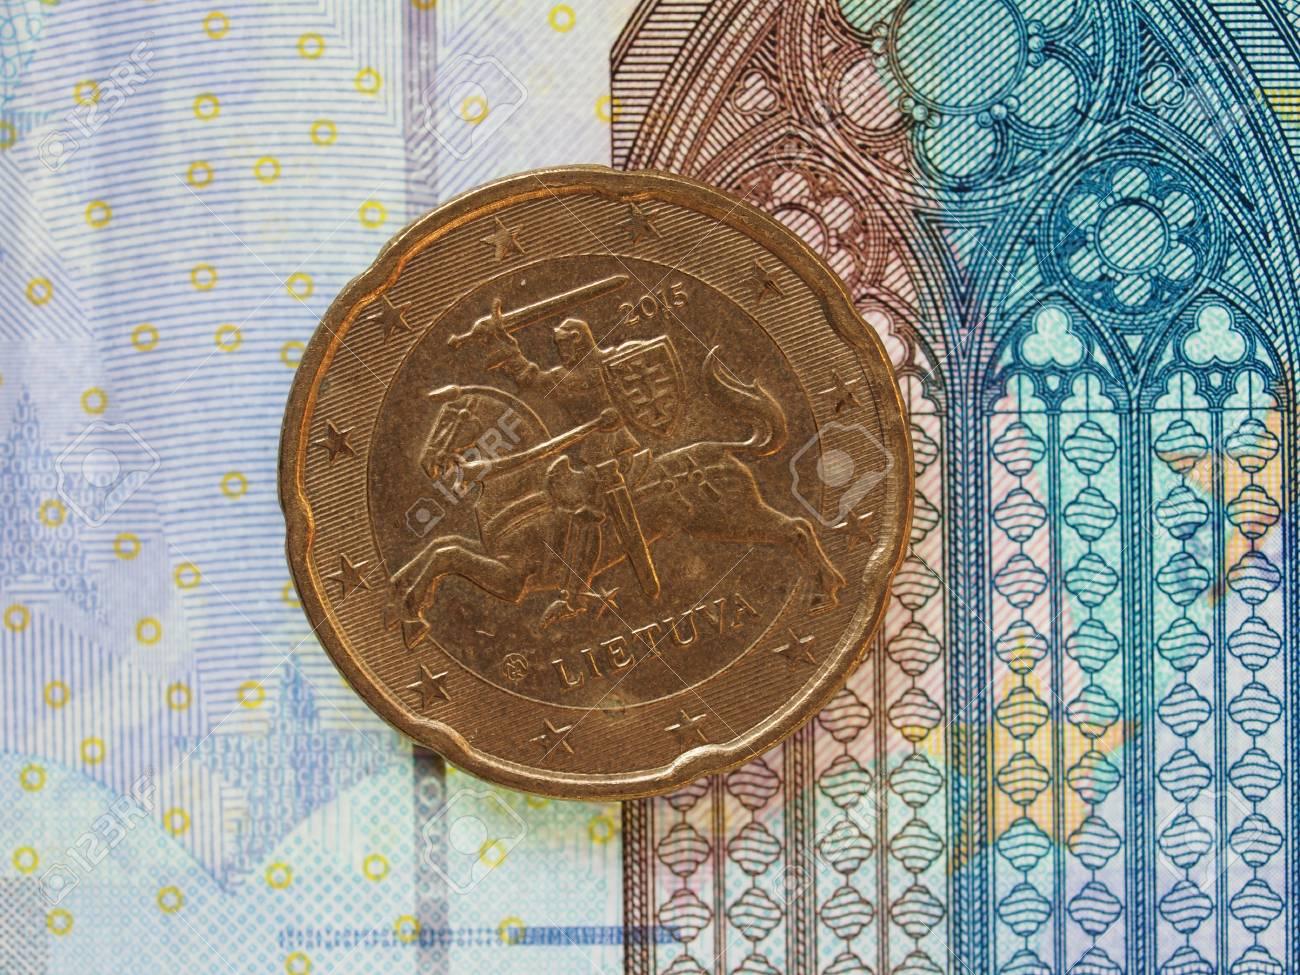 20 Euro Cent Münze Währung Der Europäischen Union Aus Litauen über